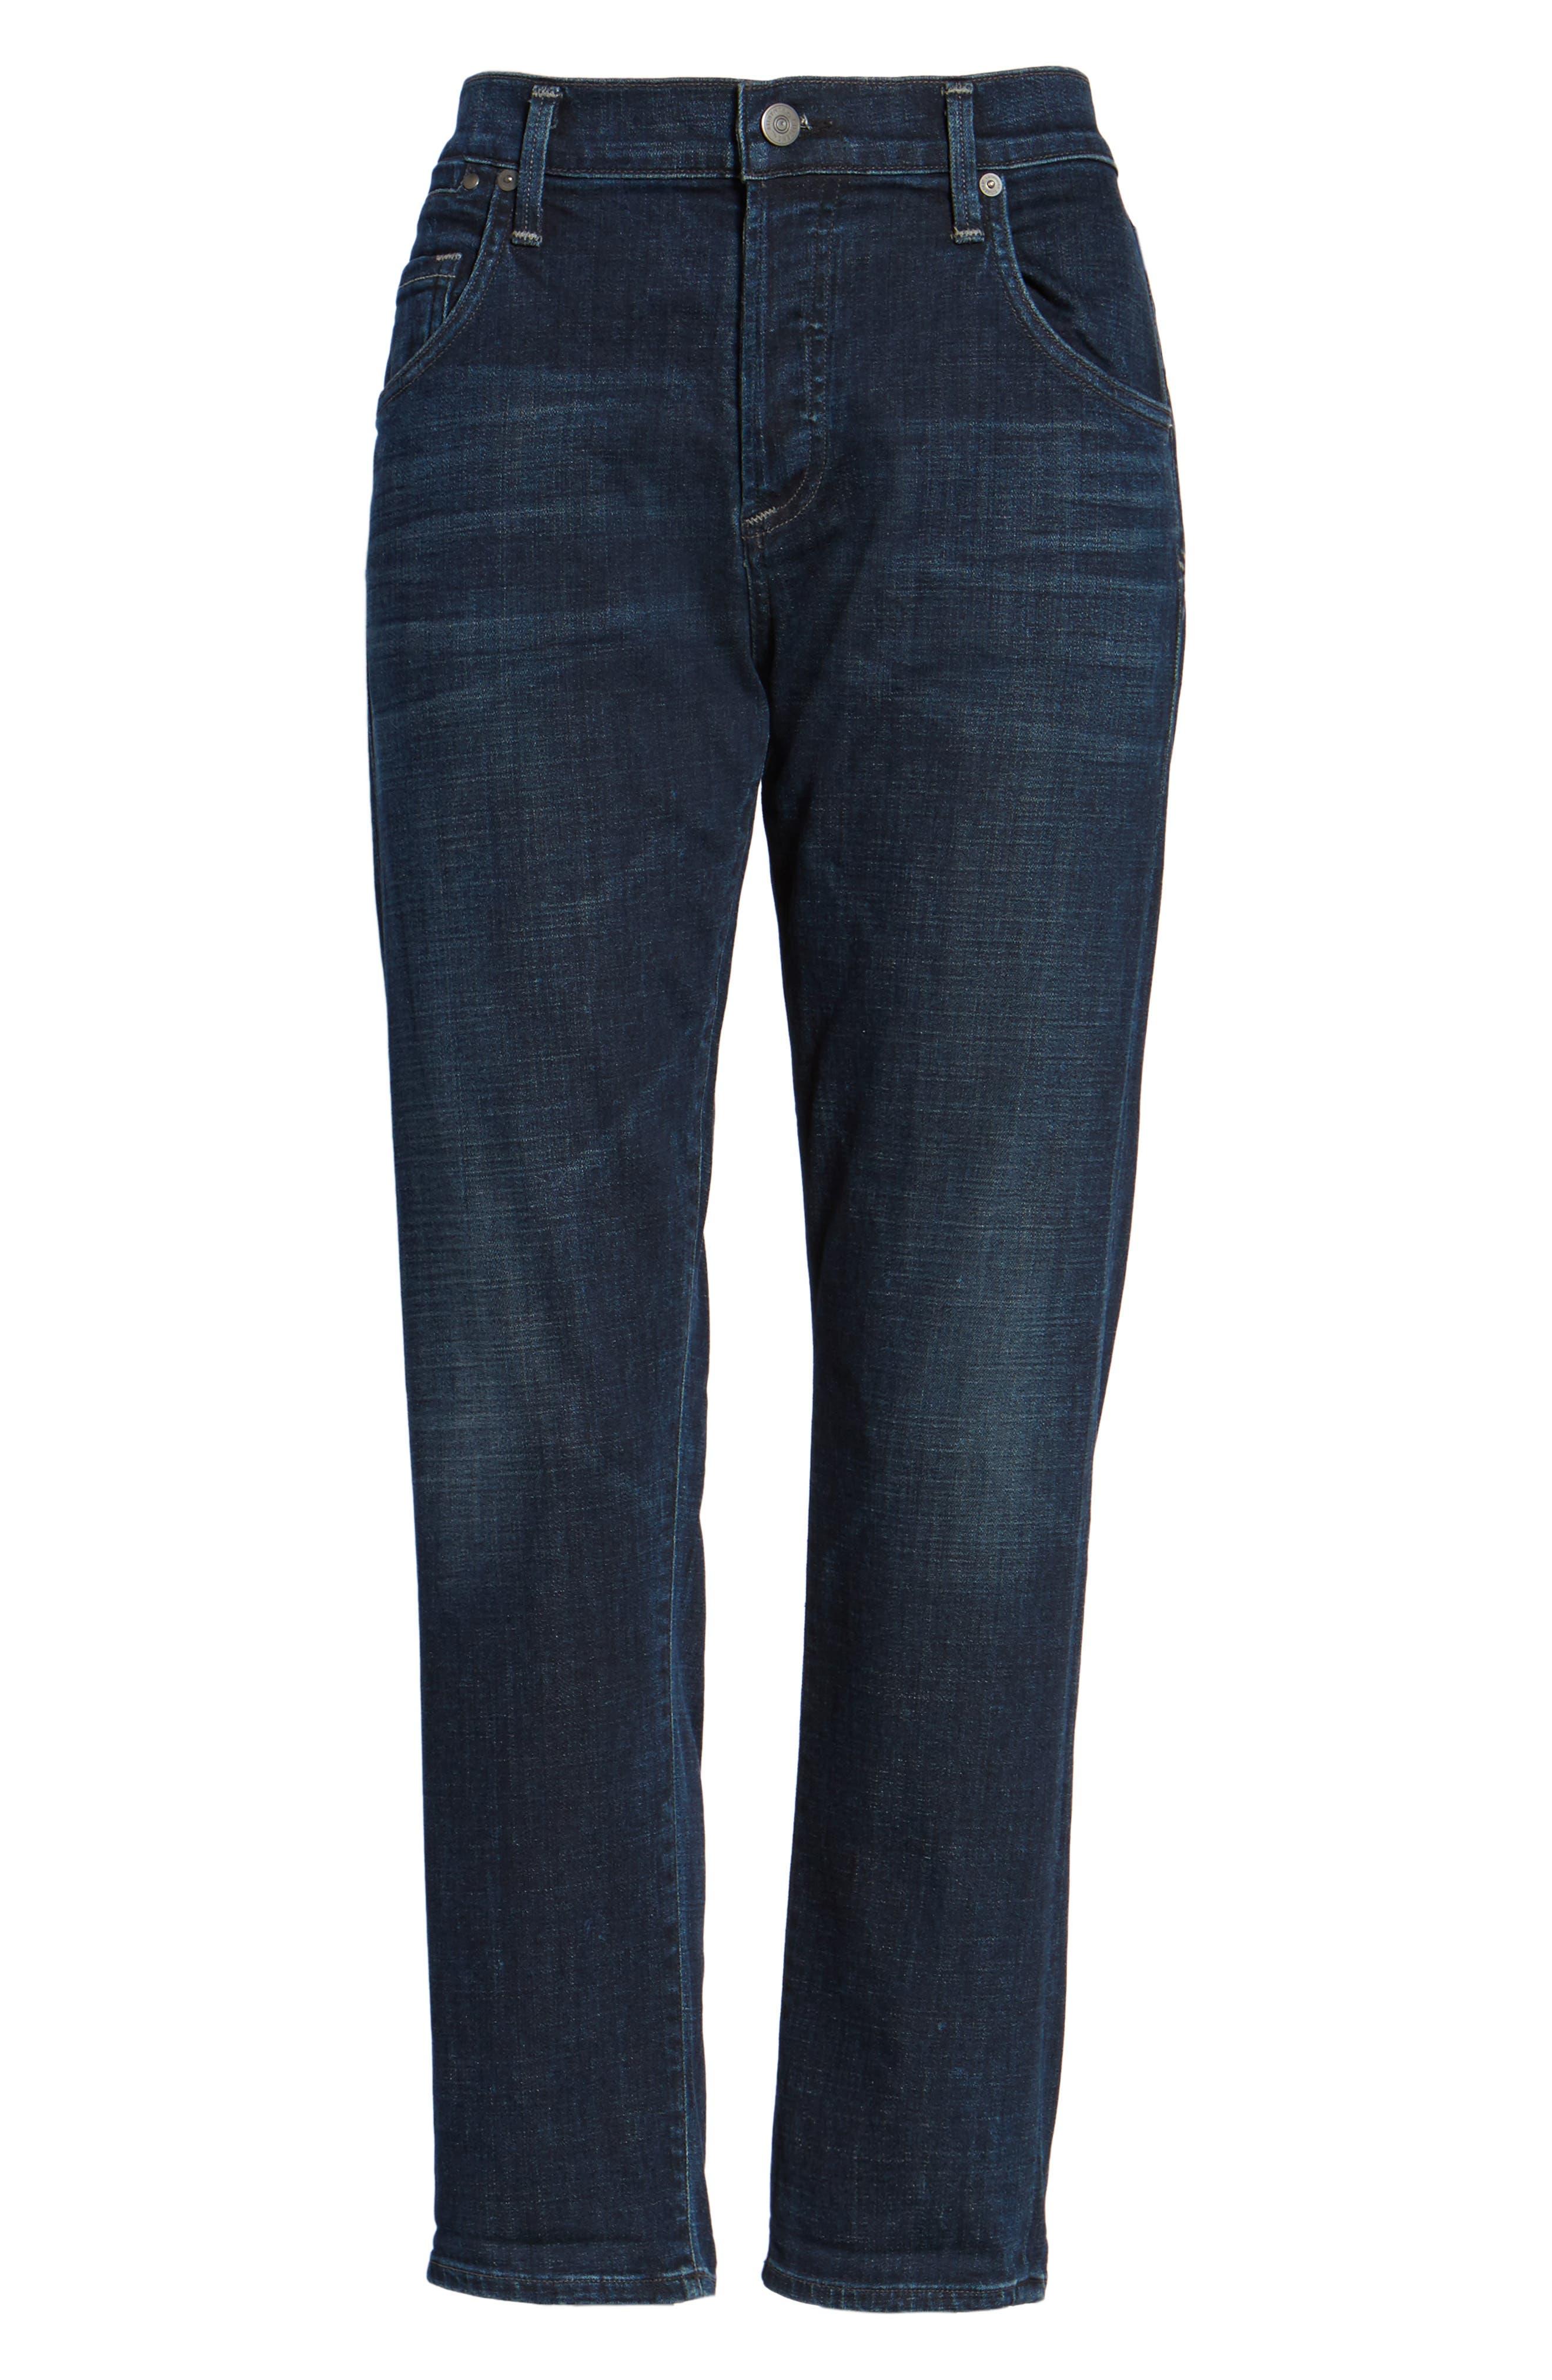 Emerson Slim Boyfriend Jeans,                             Alternate thumbnail 6, color,                             408